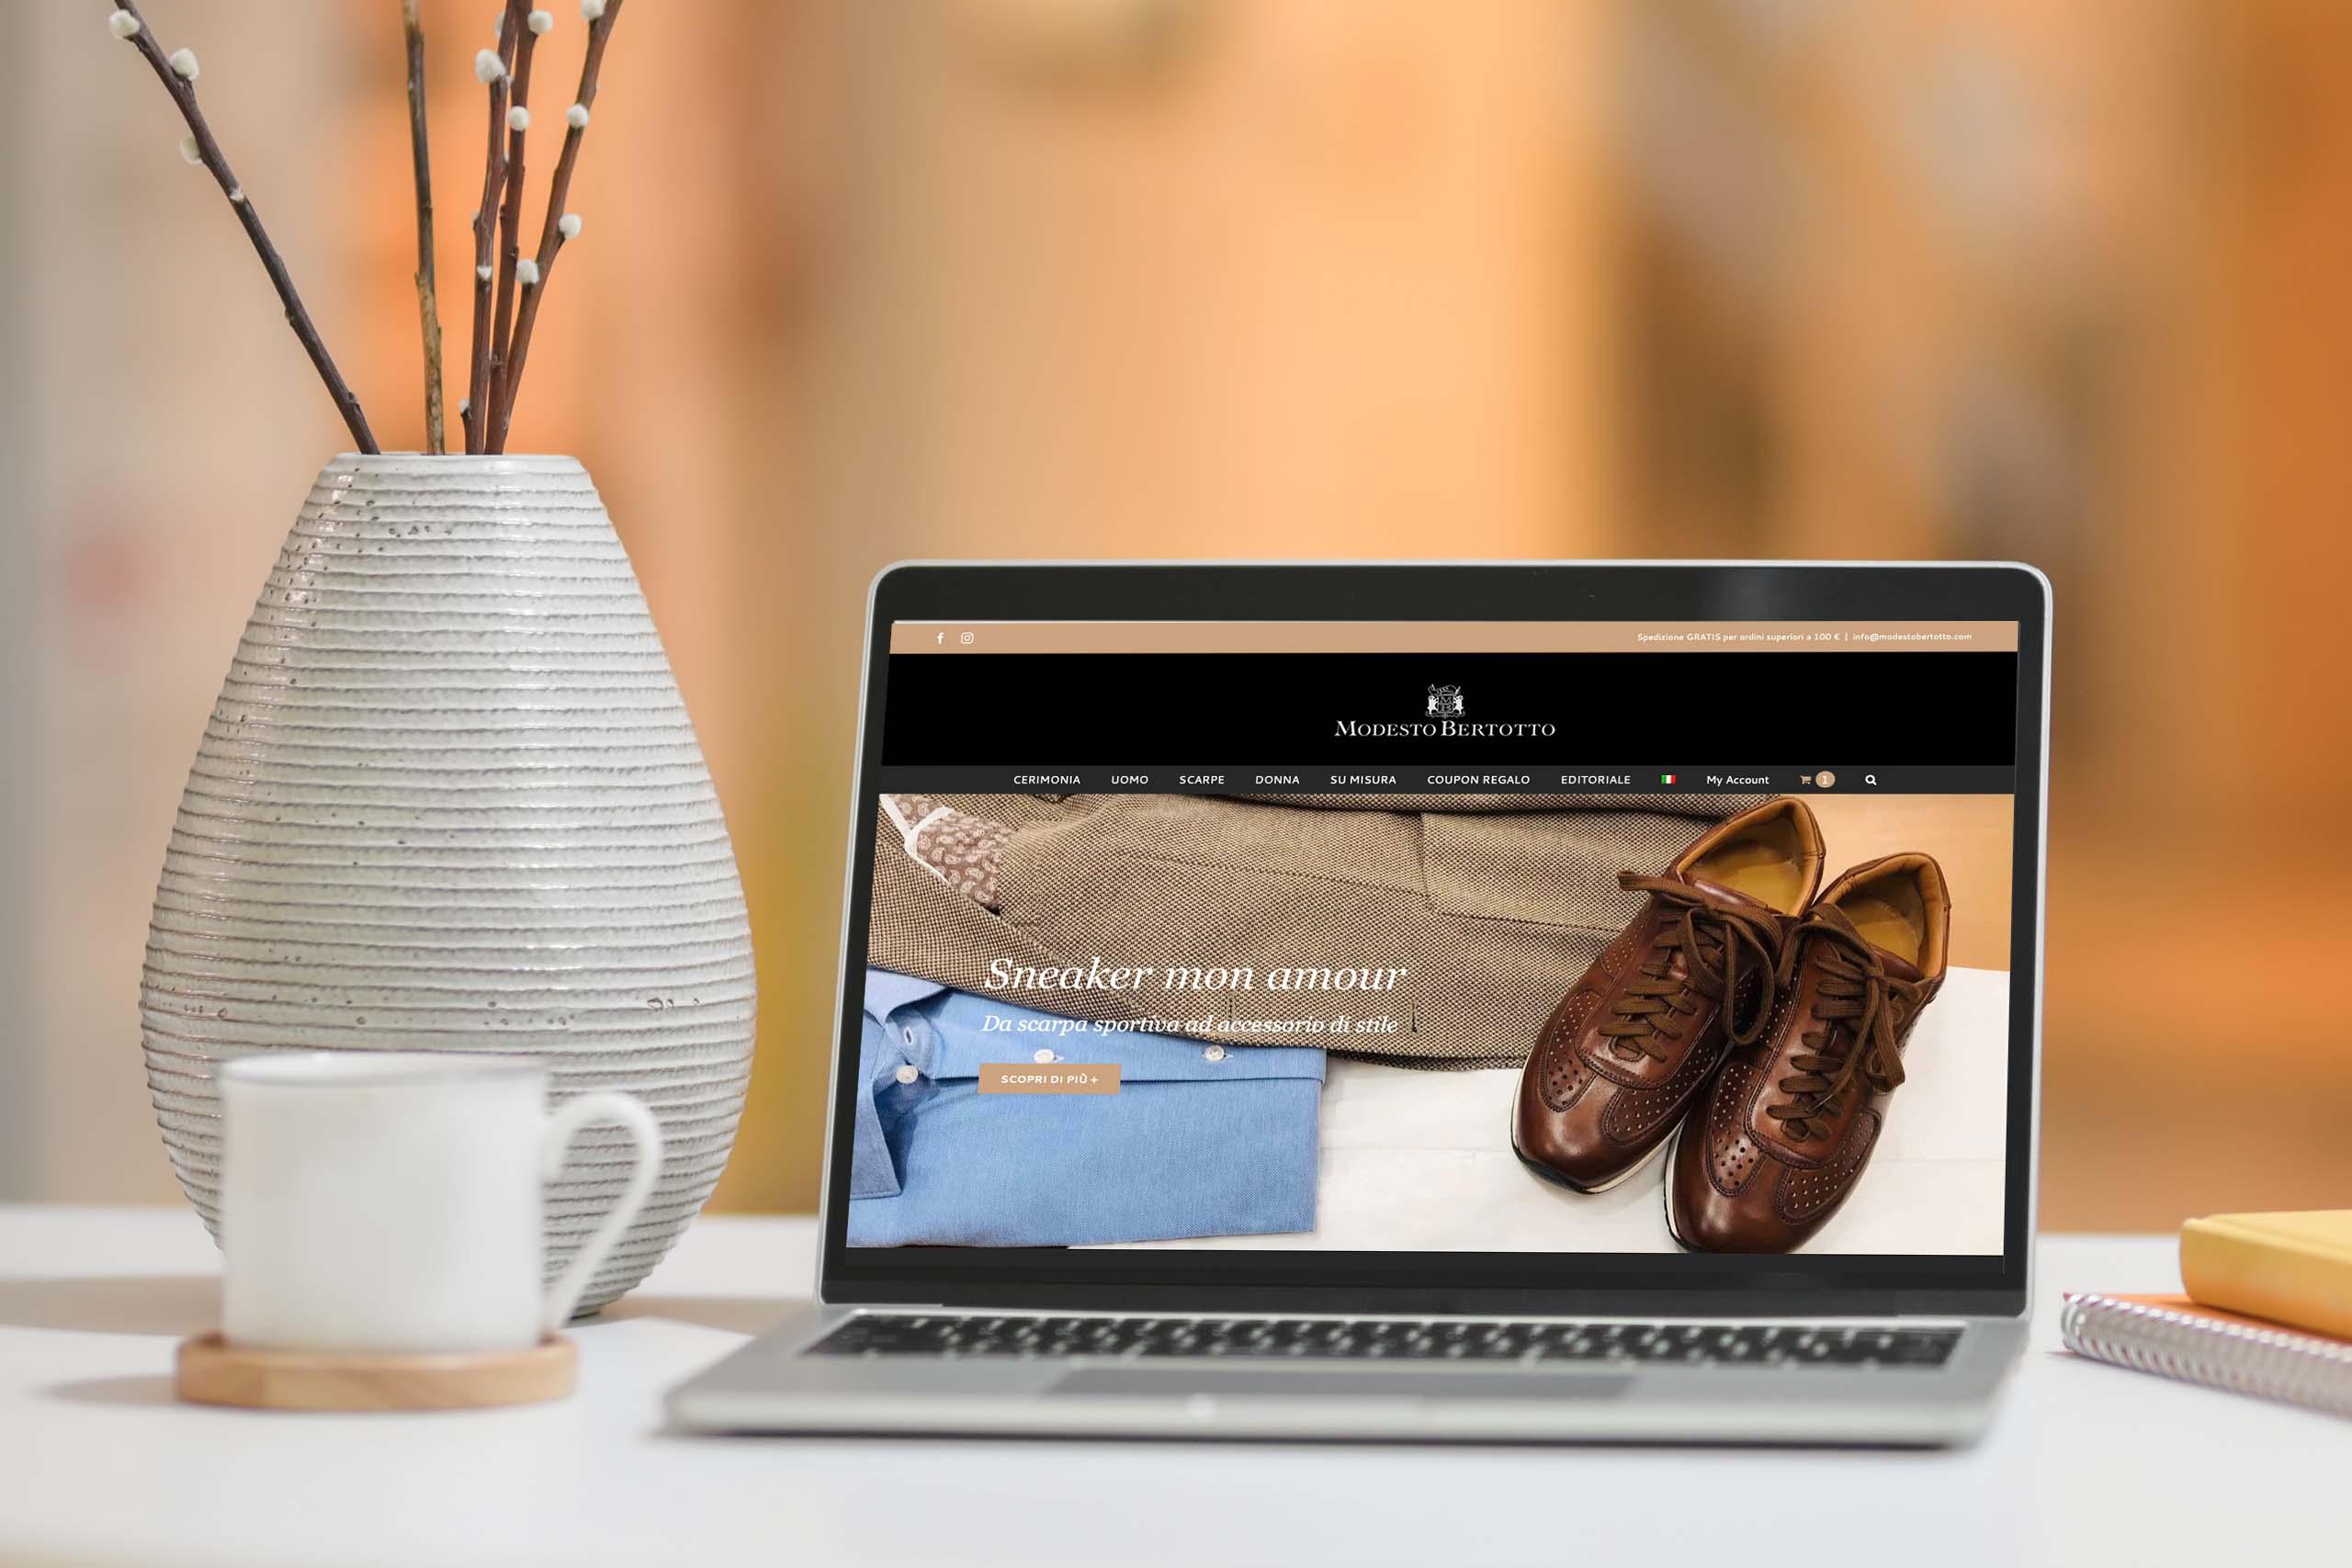 Modesto Bertotto sito web